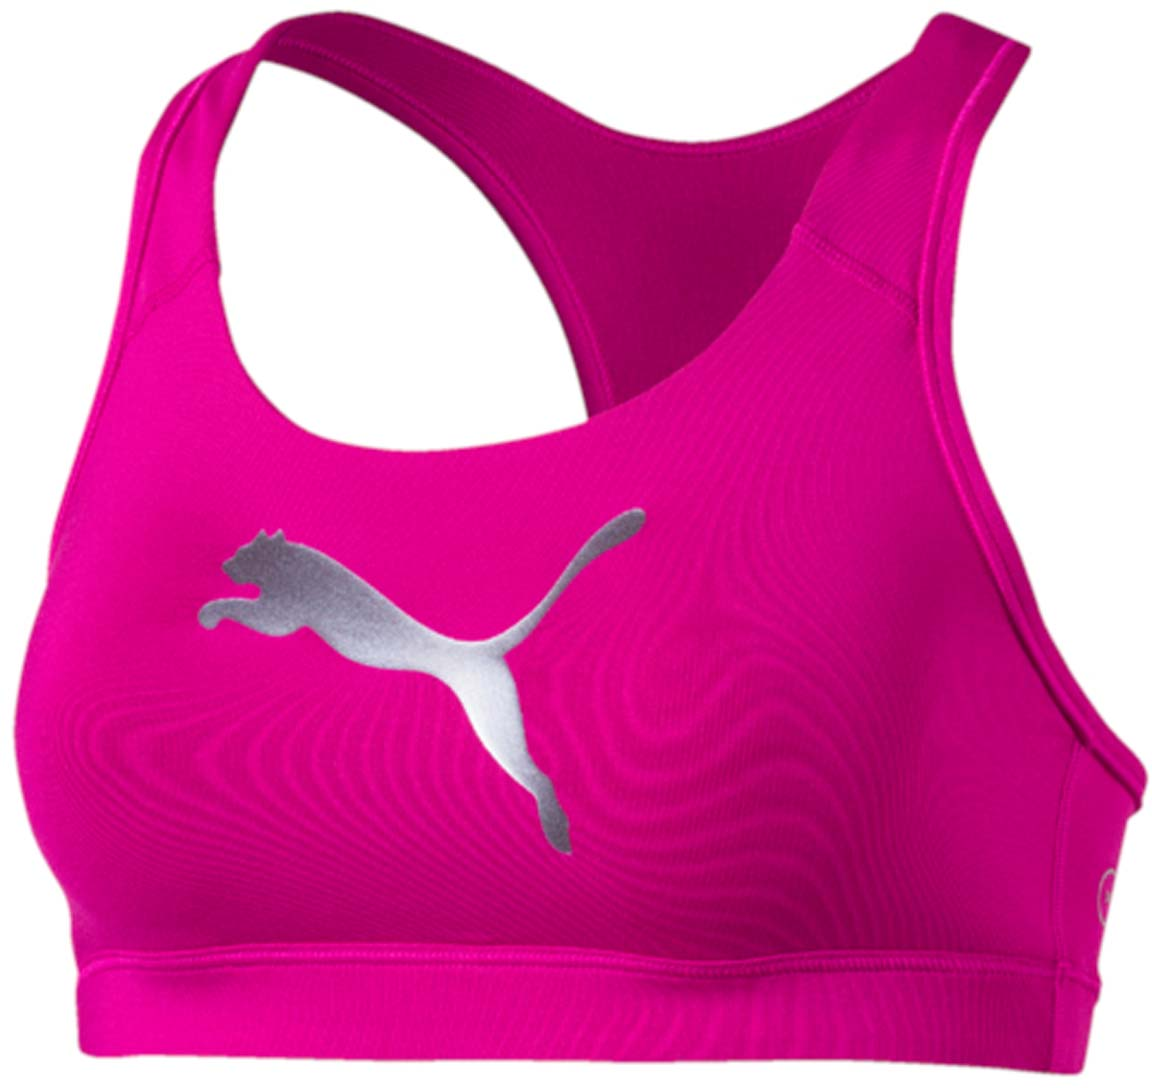 Топ-бра для фитнеса Puma PWRSHAPE Forever, цвет: розовый. 513965_29. Размер XS (42)513965_29Этот спортивный бюстгальтер-топ станет вашей любимой моделью, потому что он - незаменимая часть вашего гардероба для занятий спортом и активного отдыха! Отличный дизайн обеспечивает универсальность, поэтому бюстгальтер можно надевать в тренажерный зал, на занятие всеми видами фитнеса, на пробежку. Дополнительные удобства создаются за счет использования высокофункциональной технологии dryCELL, которая отводит влагу, поддерживает тело сухим и гарантирует комфорт во время активных тренировок и занятий спортом. Наплечные лямки с мягкой подложкой, не перекрещивающиеся на спине, не натирают, не давят, а также обеспечивают полную свободу движений и удобство надевания изделия благодаря функциональному крою спины. Отделка низа сверхэластичным плотным материалом создает дополнительную поддержку. Бюстгальтер декорирован спереди логотипом PUMA из светоотражающего материала, нанесенным методом термопечати, благодаря которому вас лучше видно в темное время суток. На нижний край изделия методом термопечати нанесен логотип dryCELL. Модель подходит для всех видов физической активности.